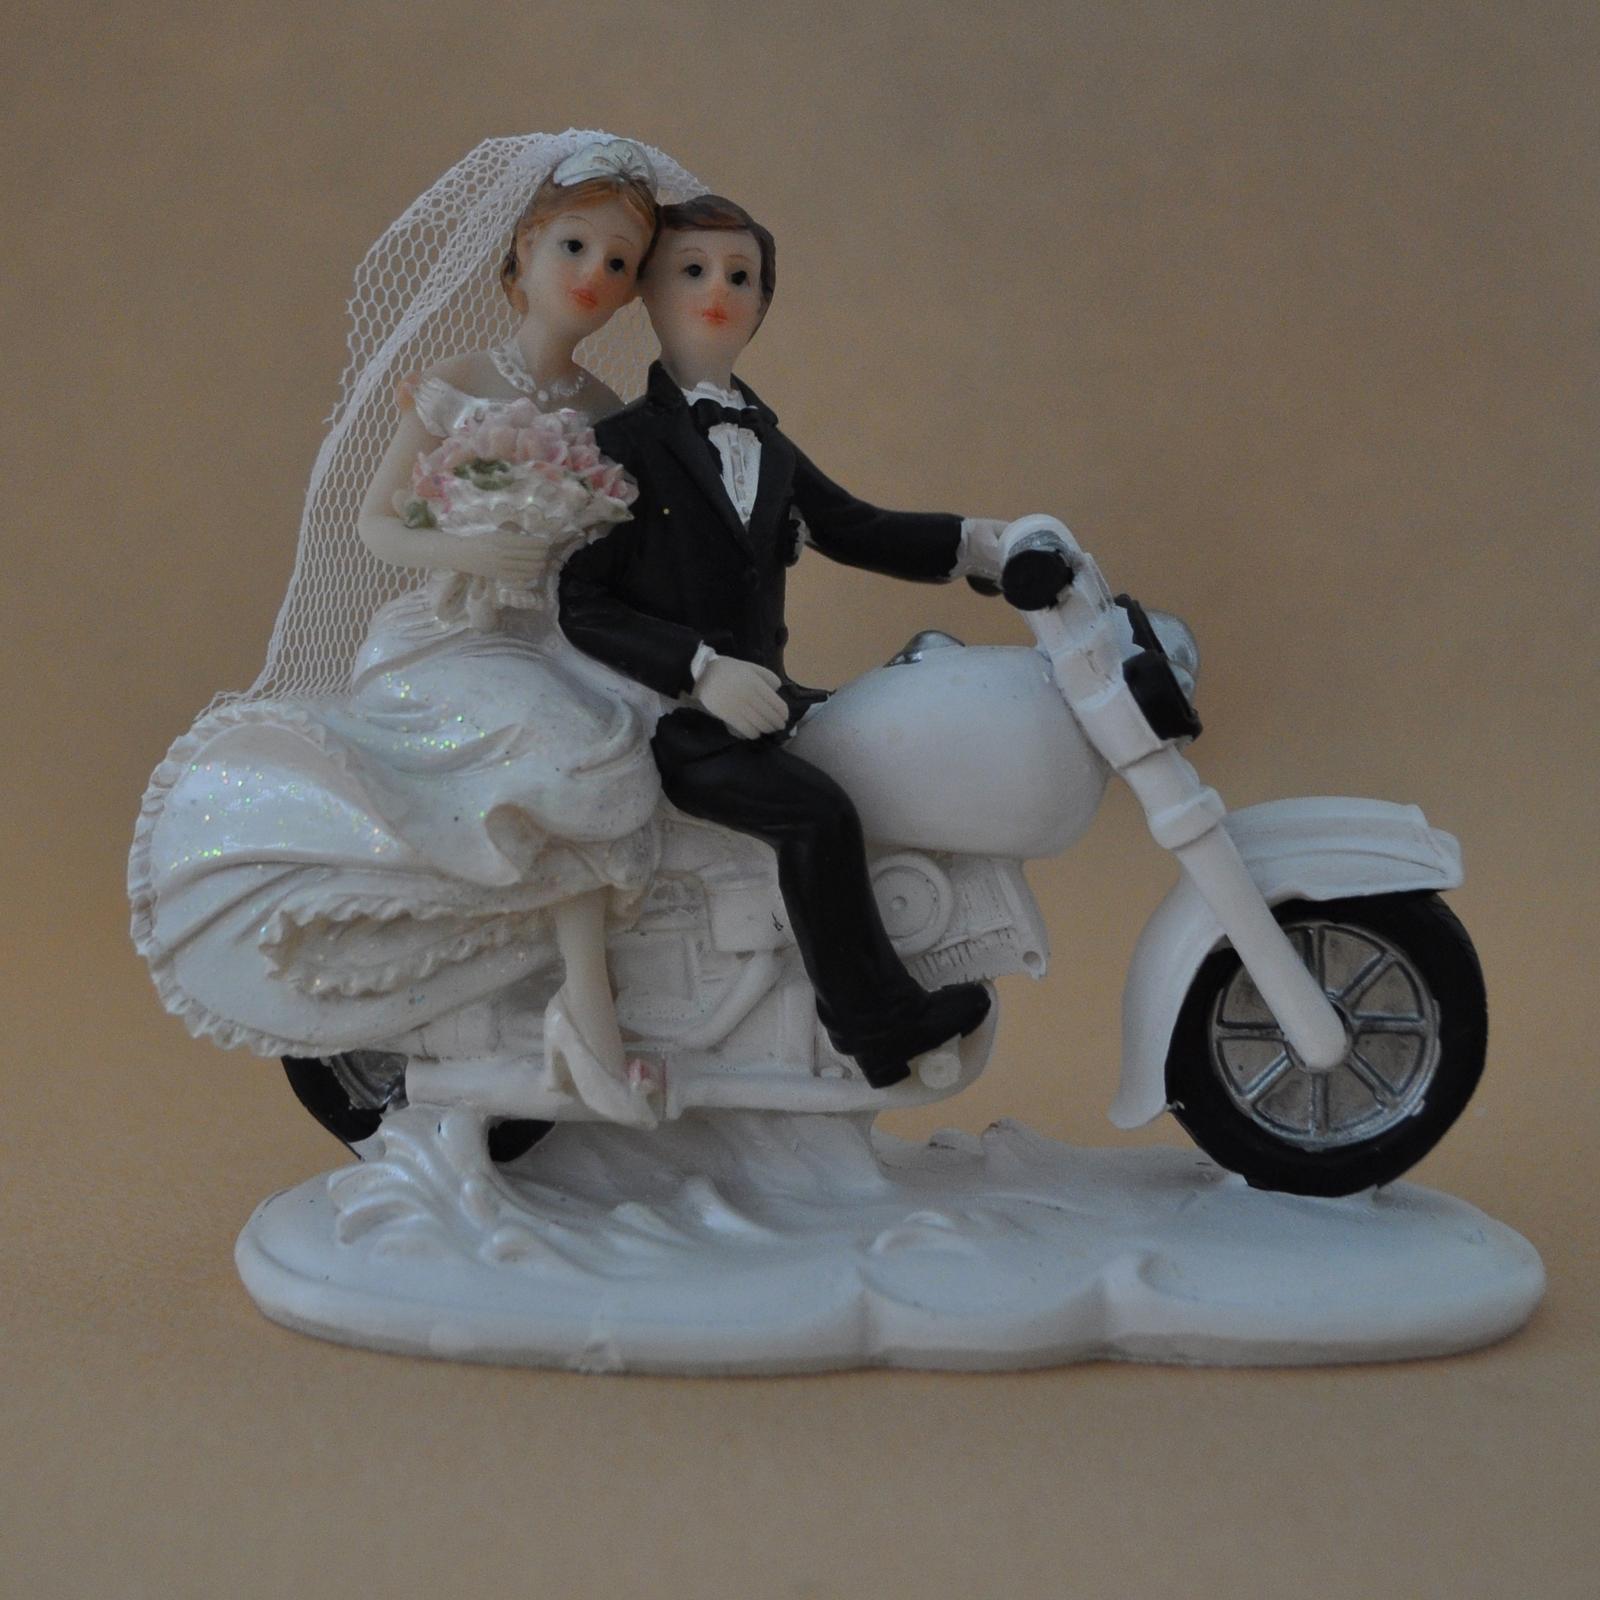 Napady na svadobne figurky - Obrázok č. 2